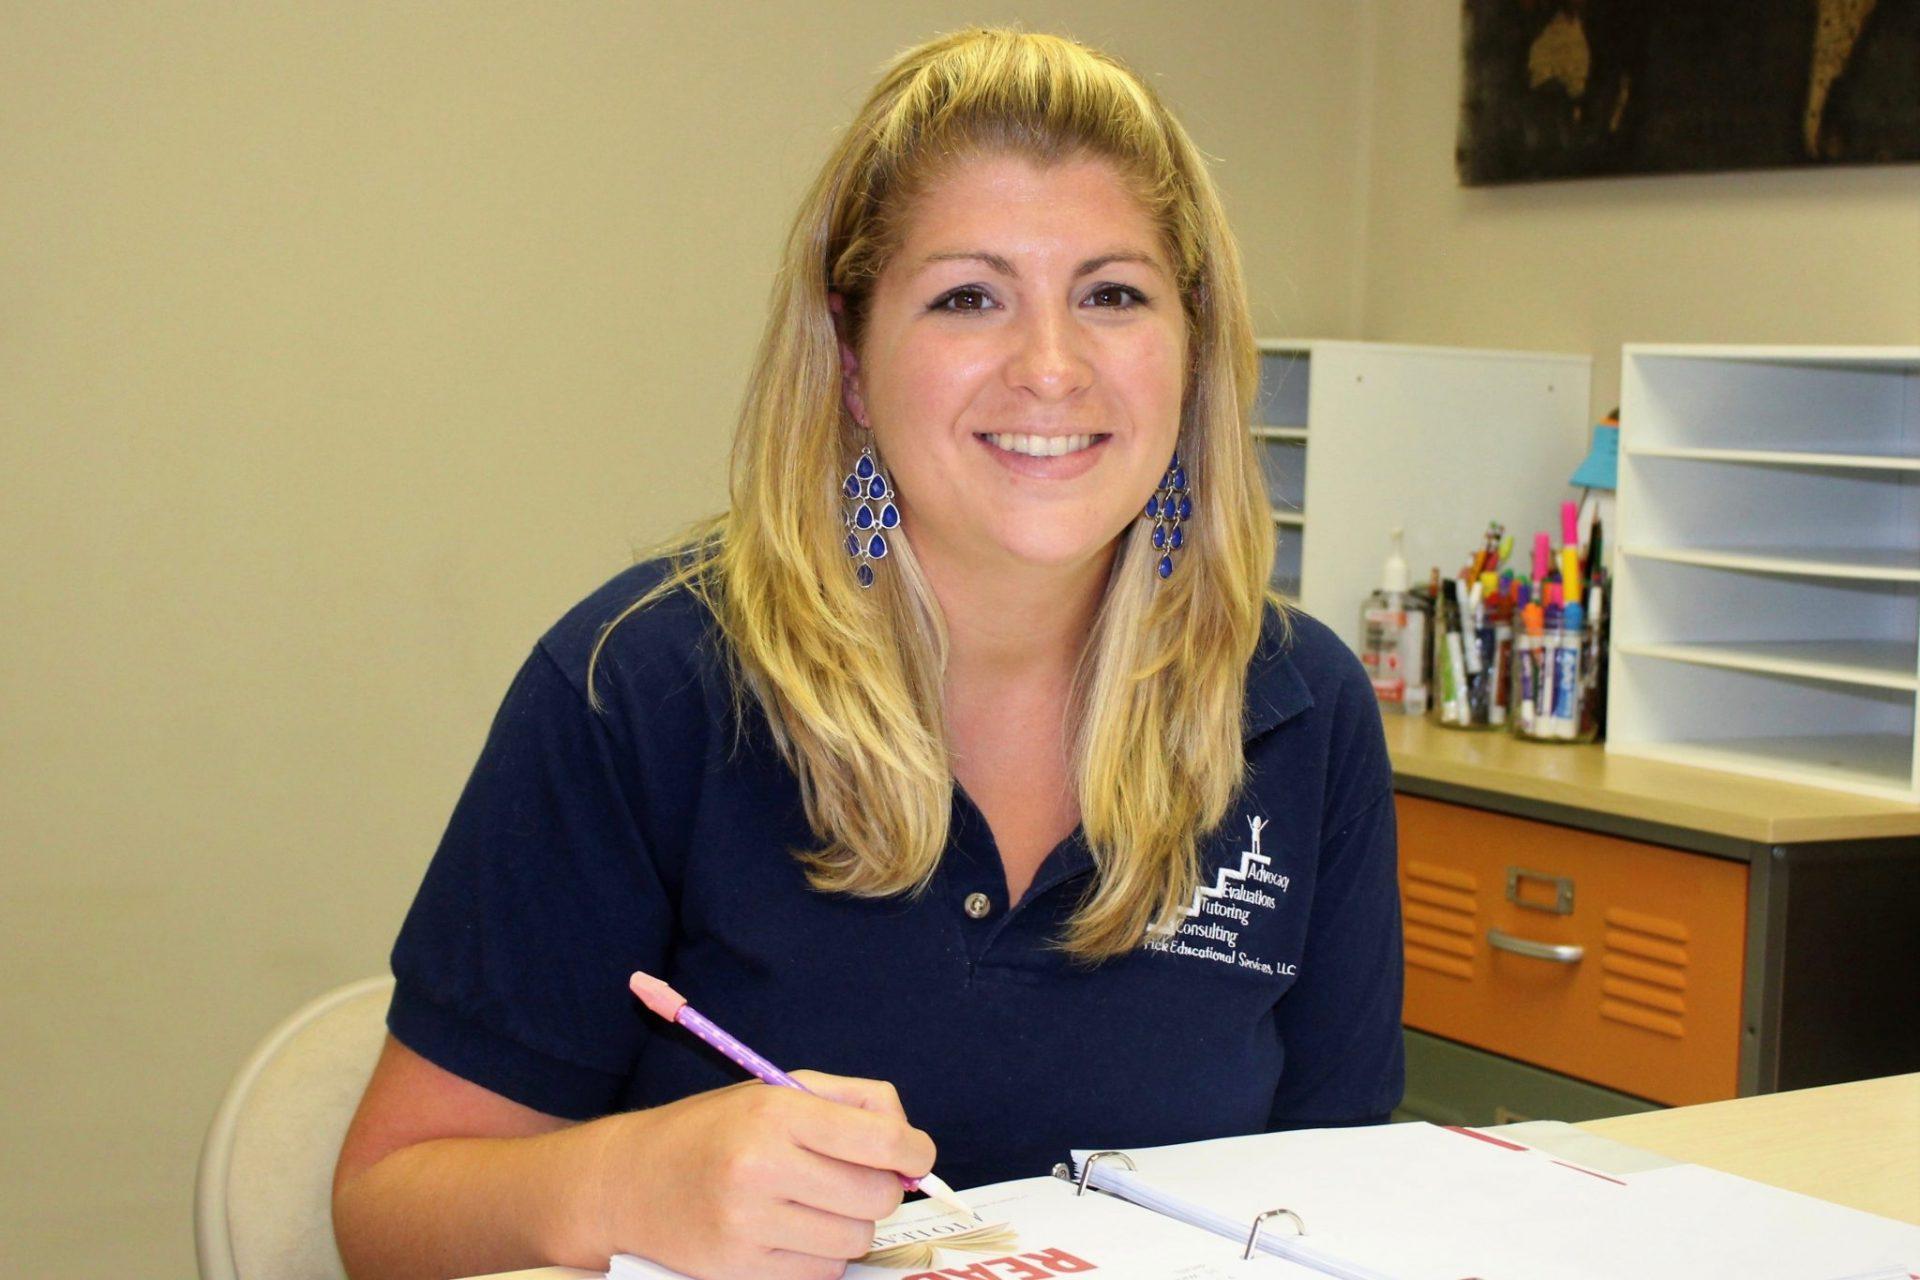 Heather Sadik